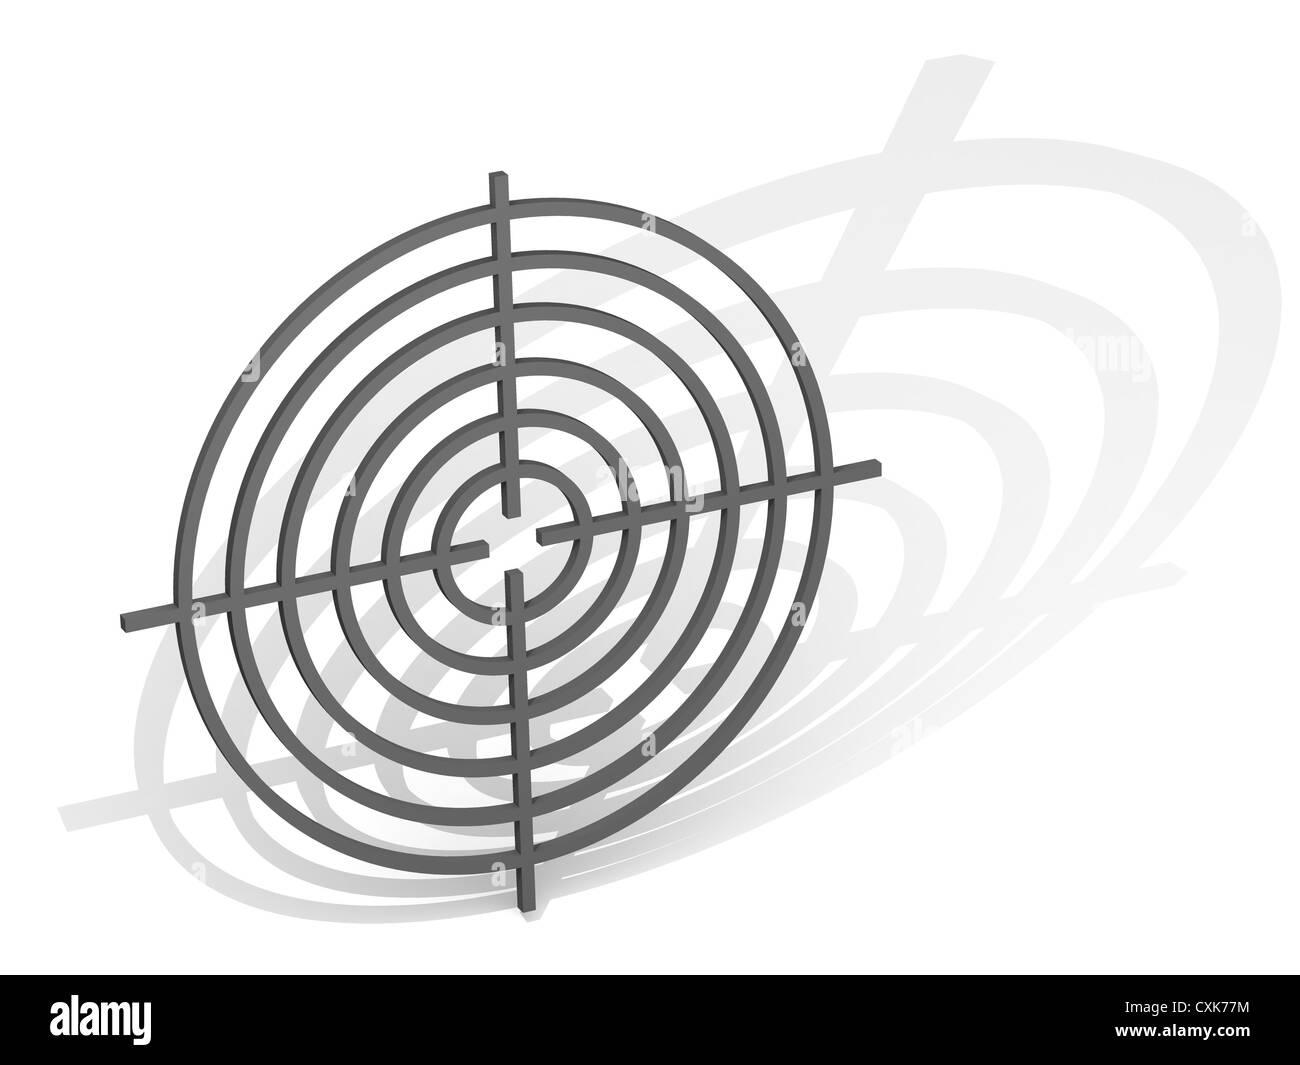 Target. 3d - Stock Image